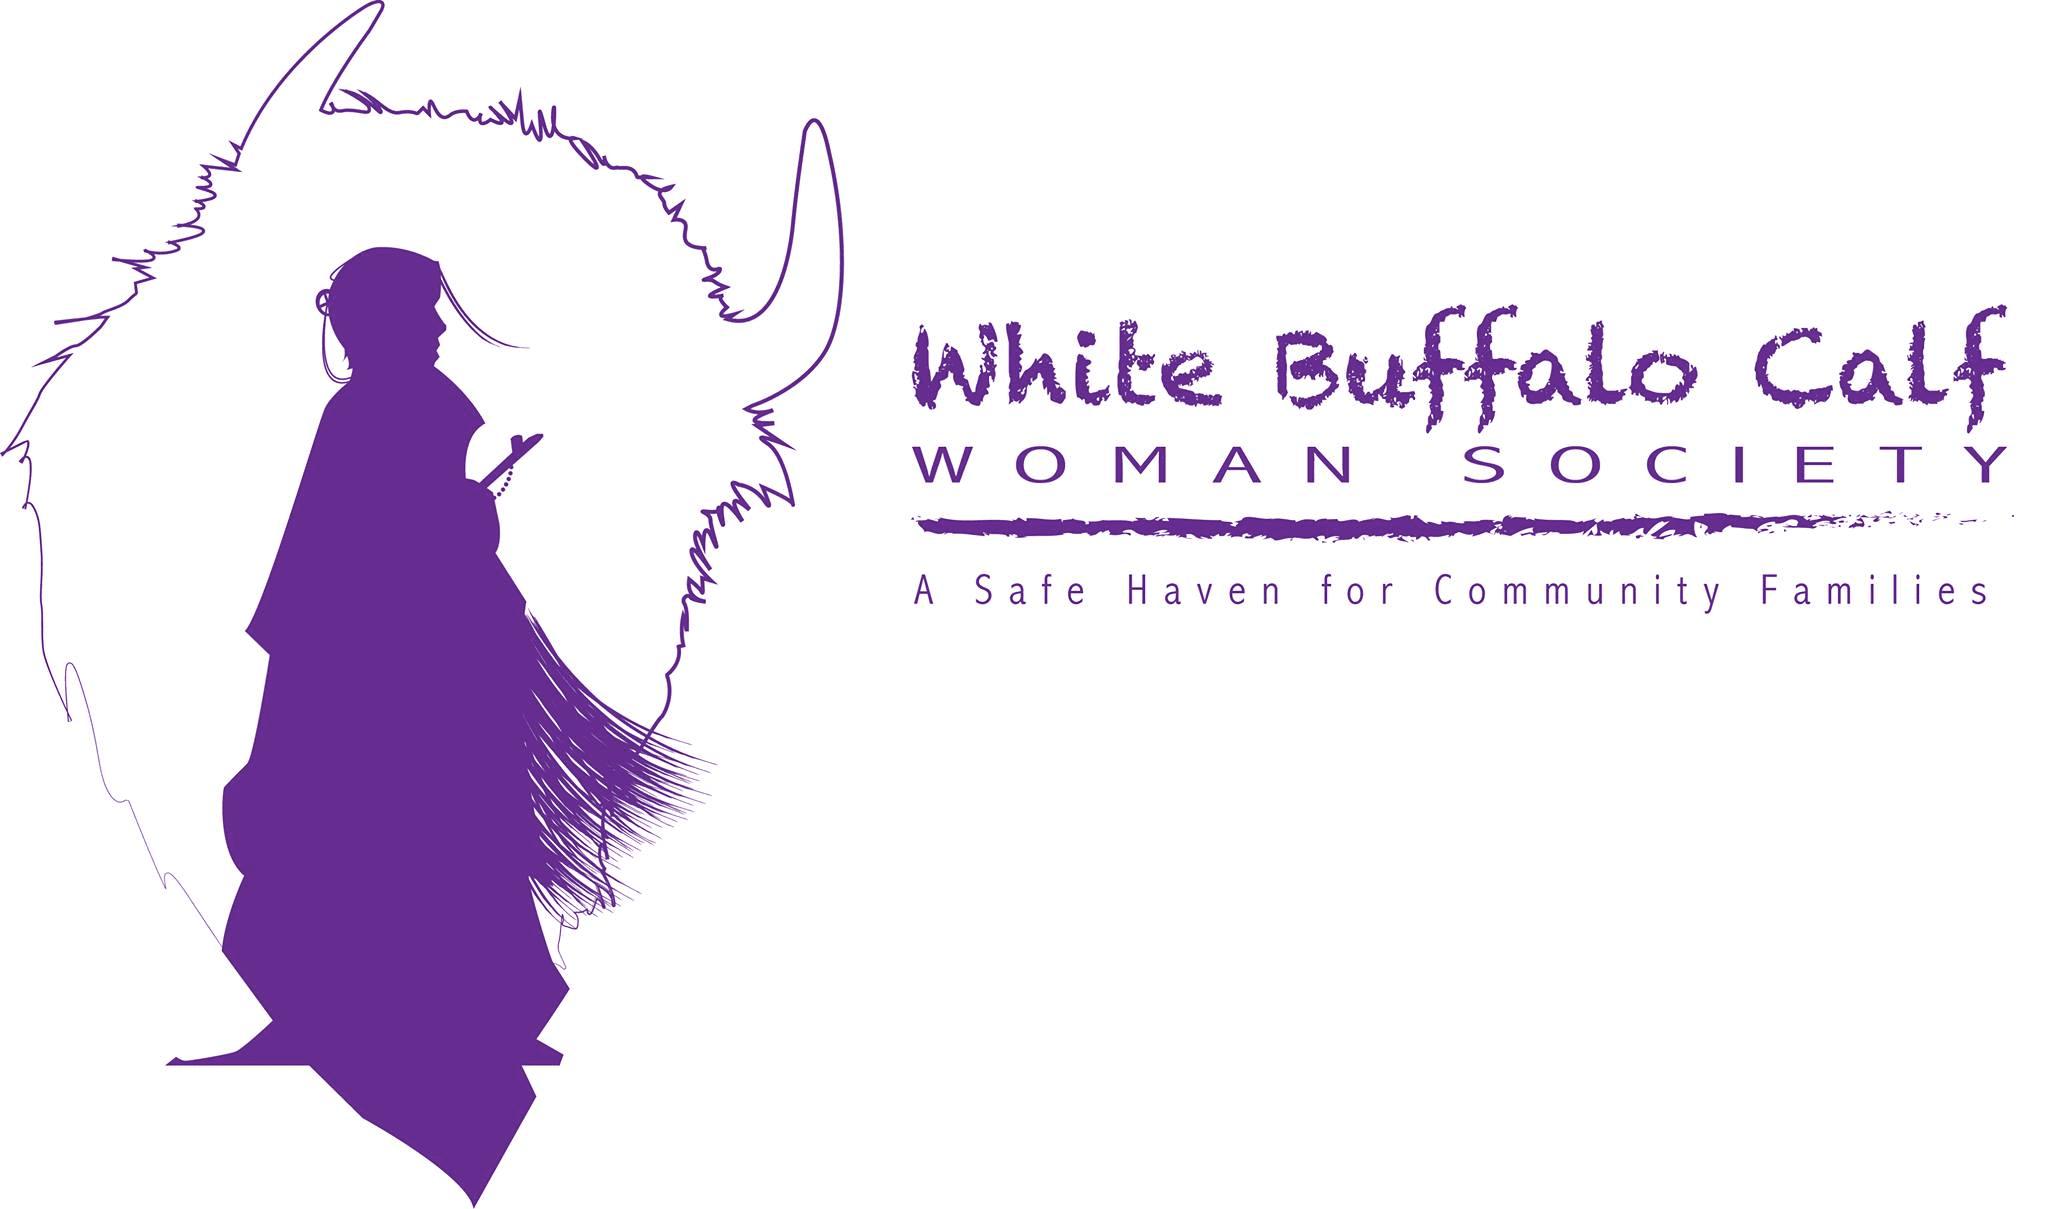 White Buffalo Calf Woman Society